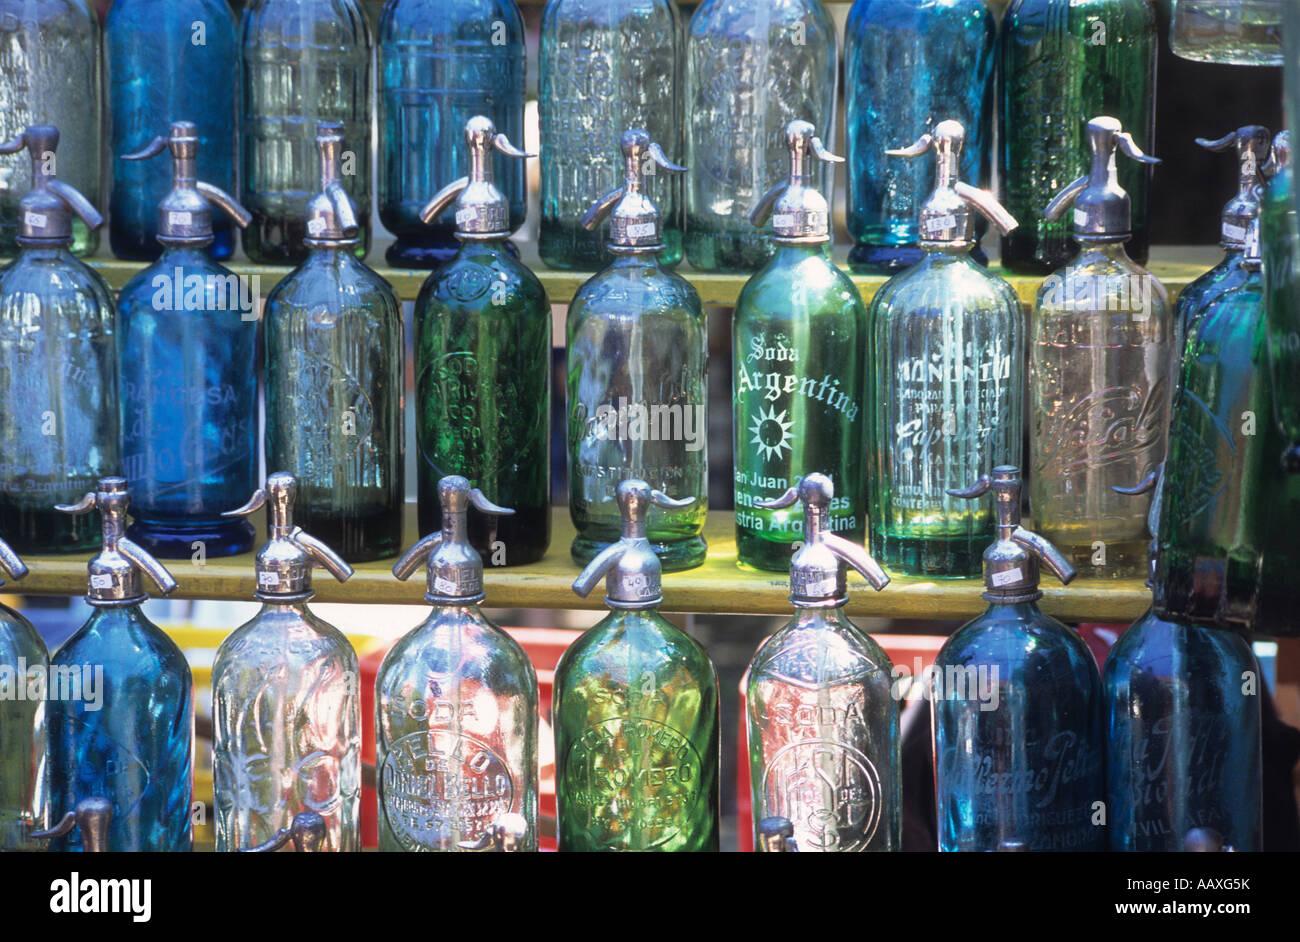 vintage soda bottles for sale